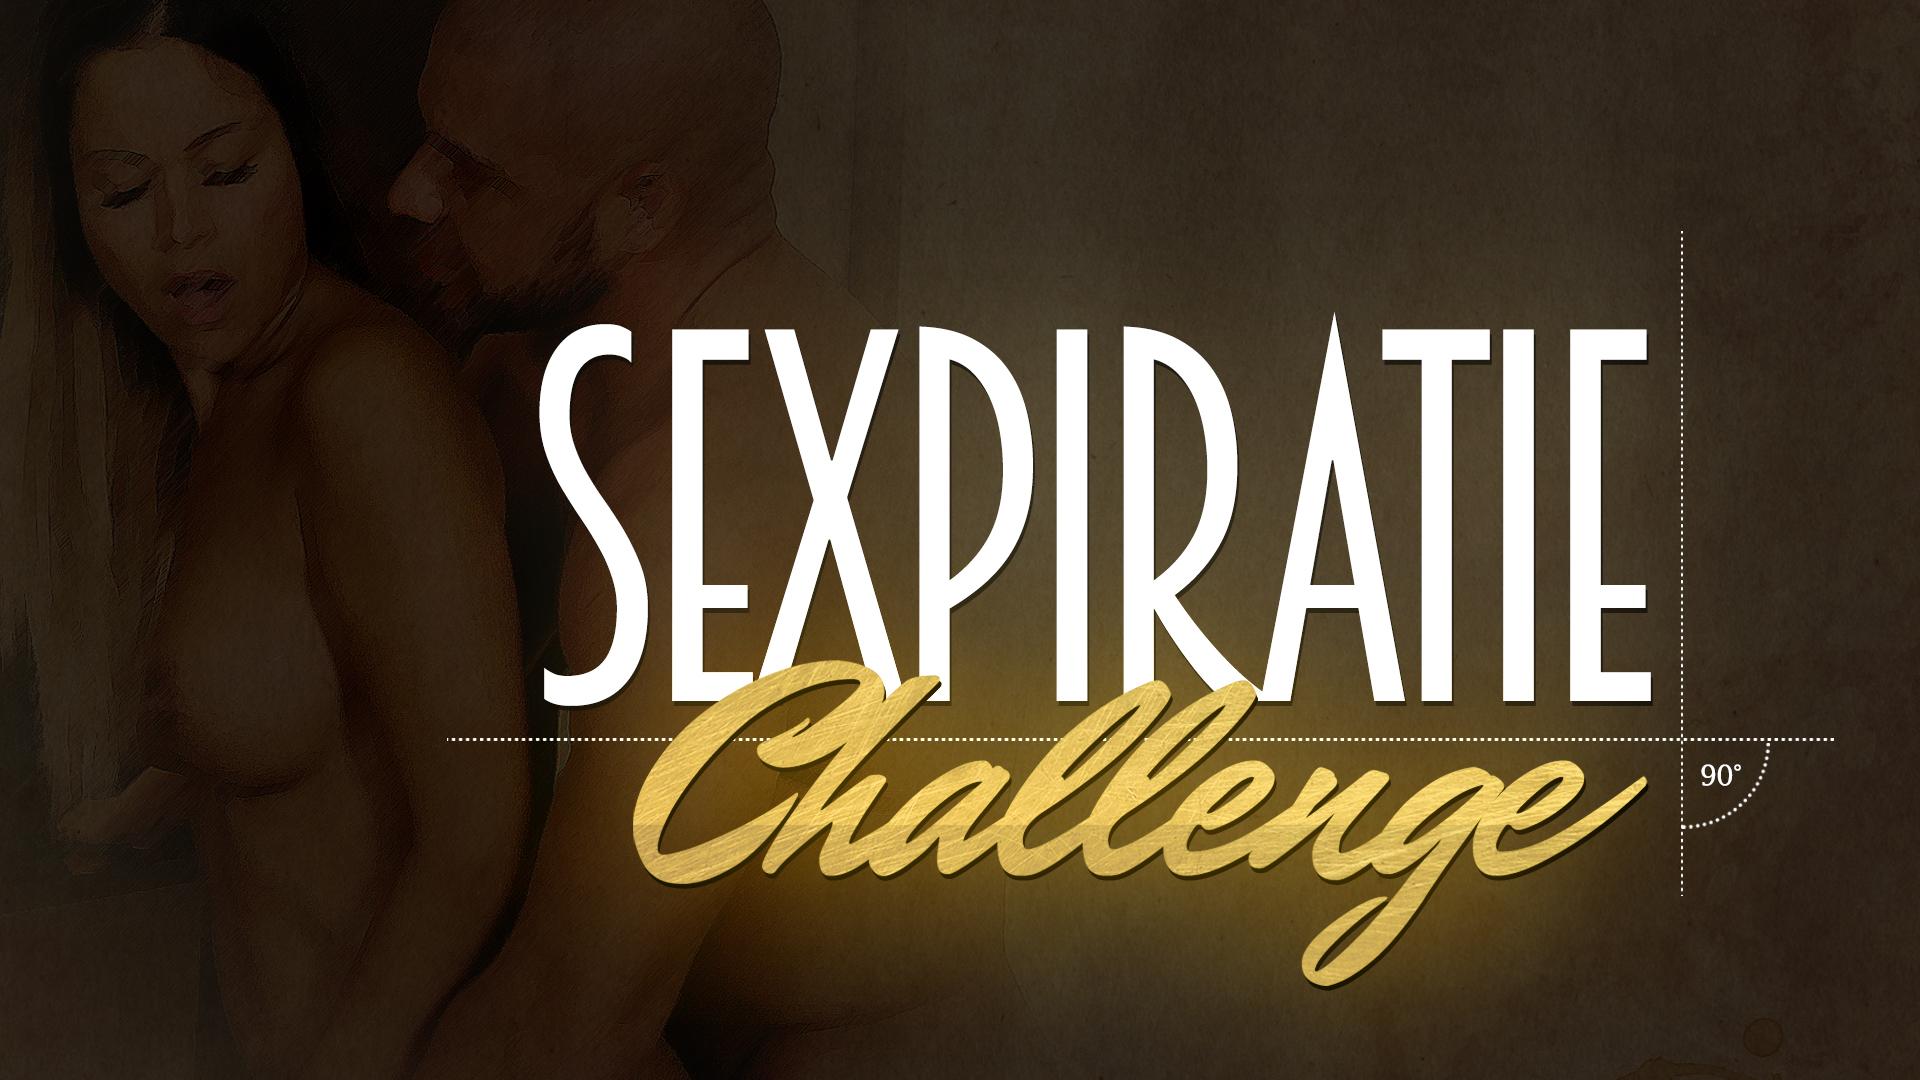 Geile foto van de hete Secret Circle seksfilm: Sexpiratie challenge